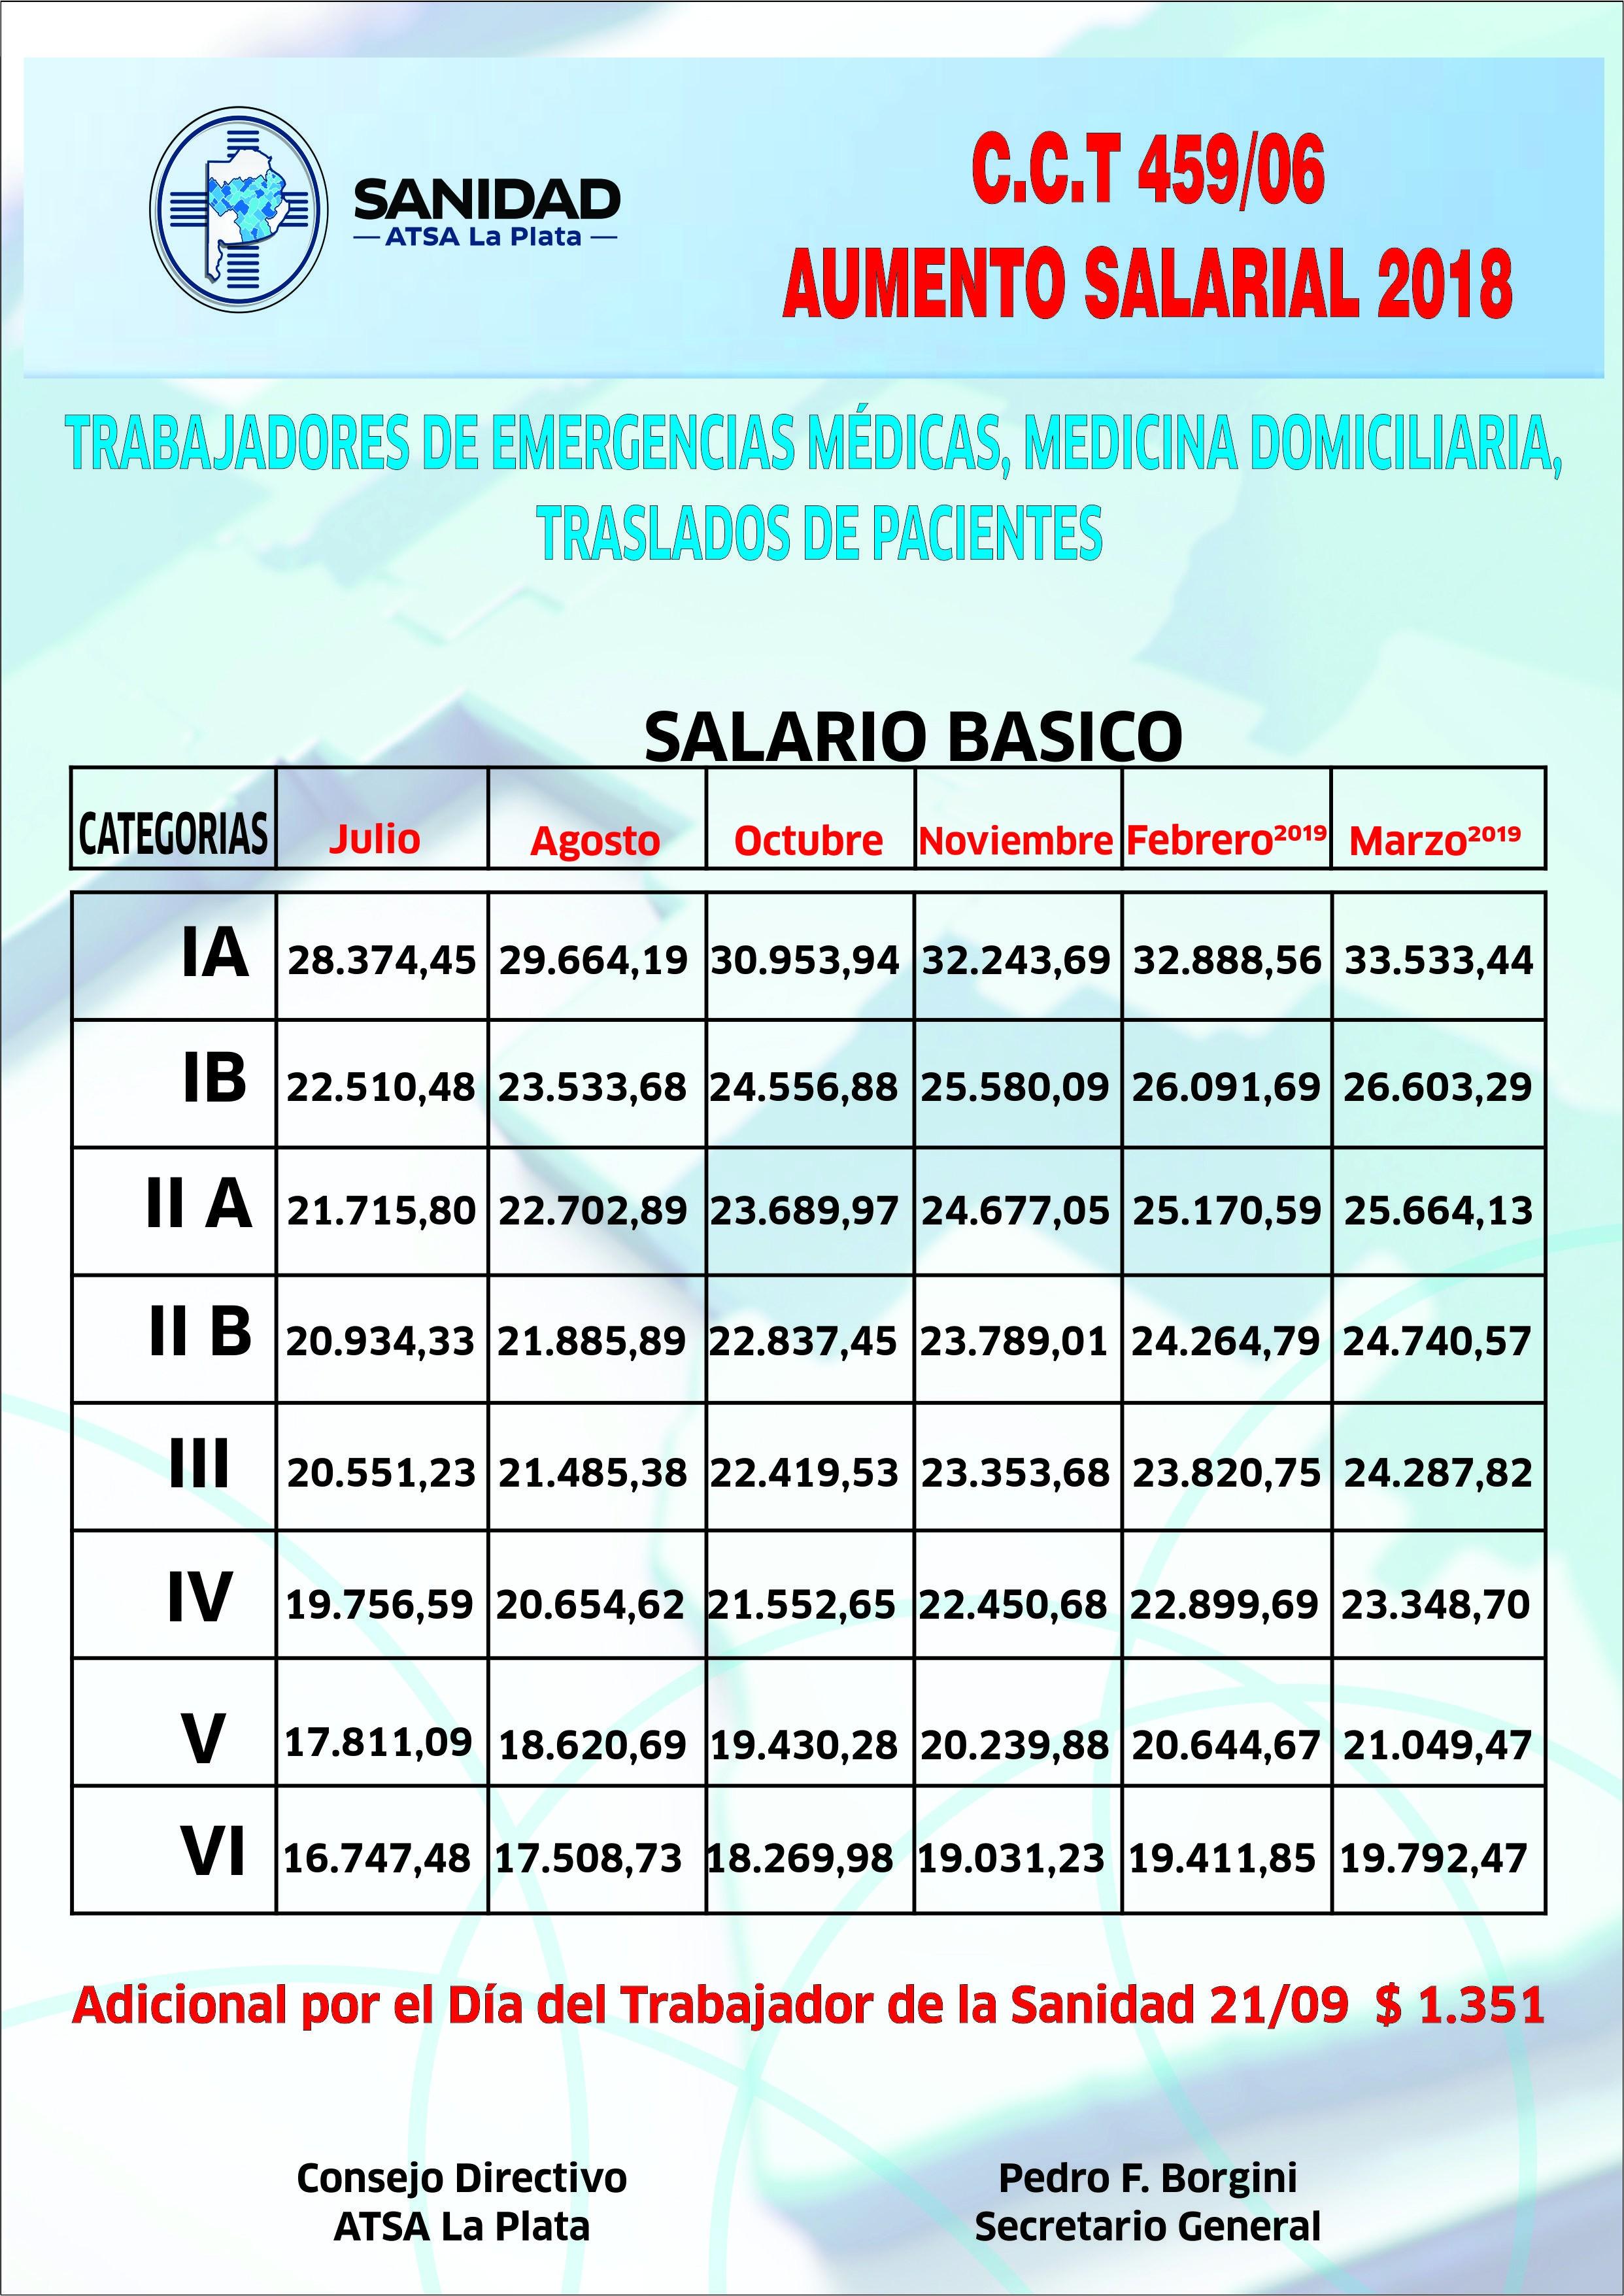 Calendario Liga Argentina 2019 Más Recientes A T S A Inicio Of Calendario Liga Argentina 2019 Más Caliente Ed 350 Mar 24 Abr 6 Pages 1 40 Text Version